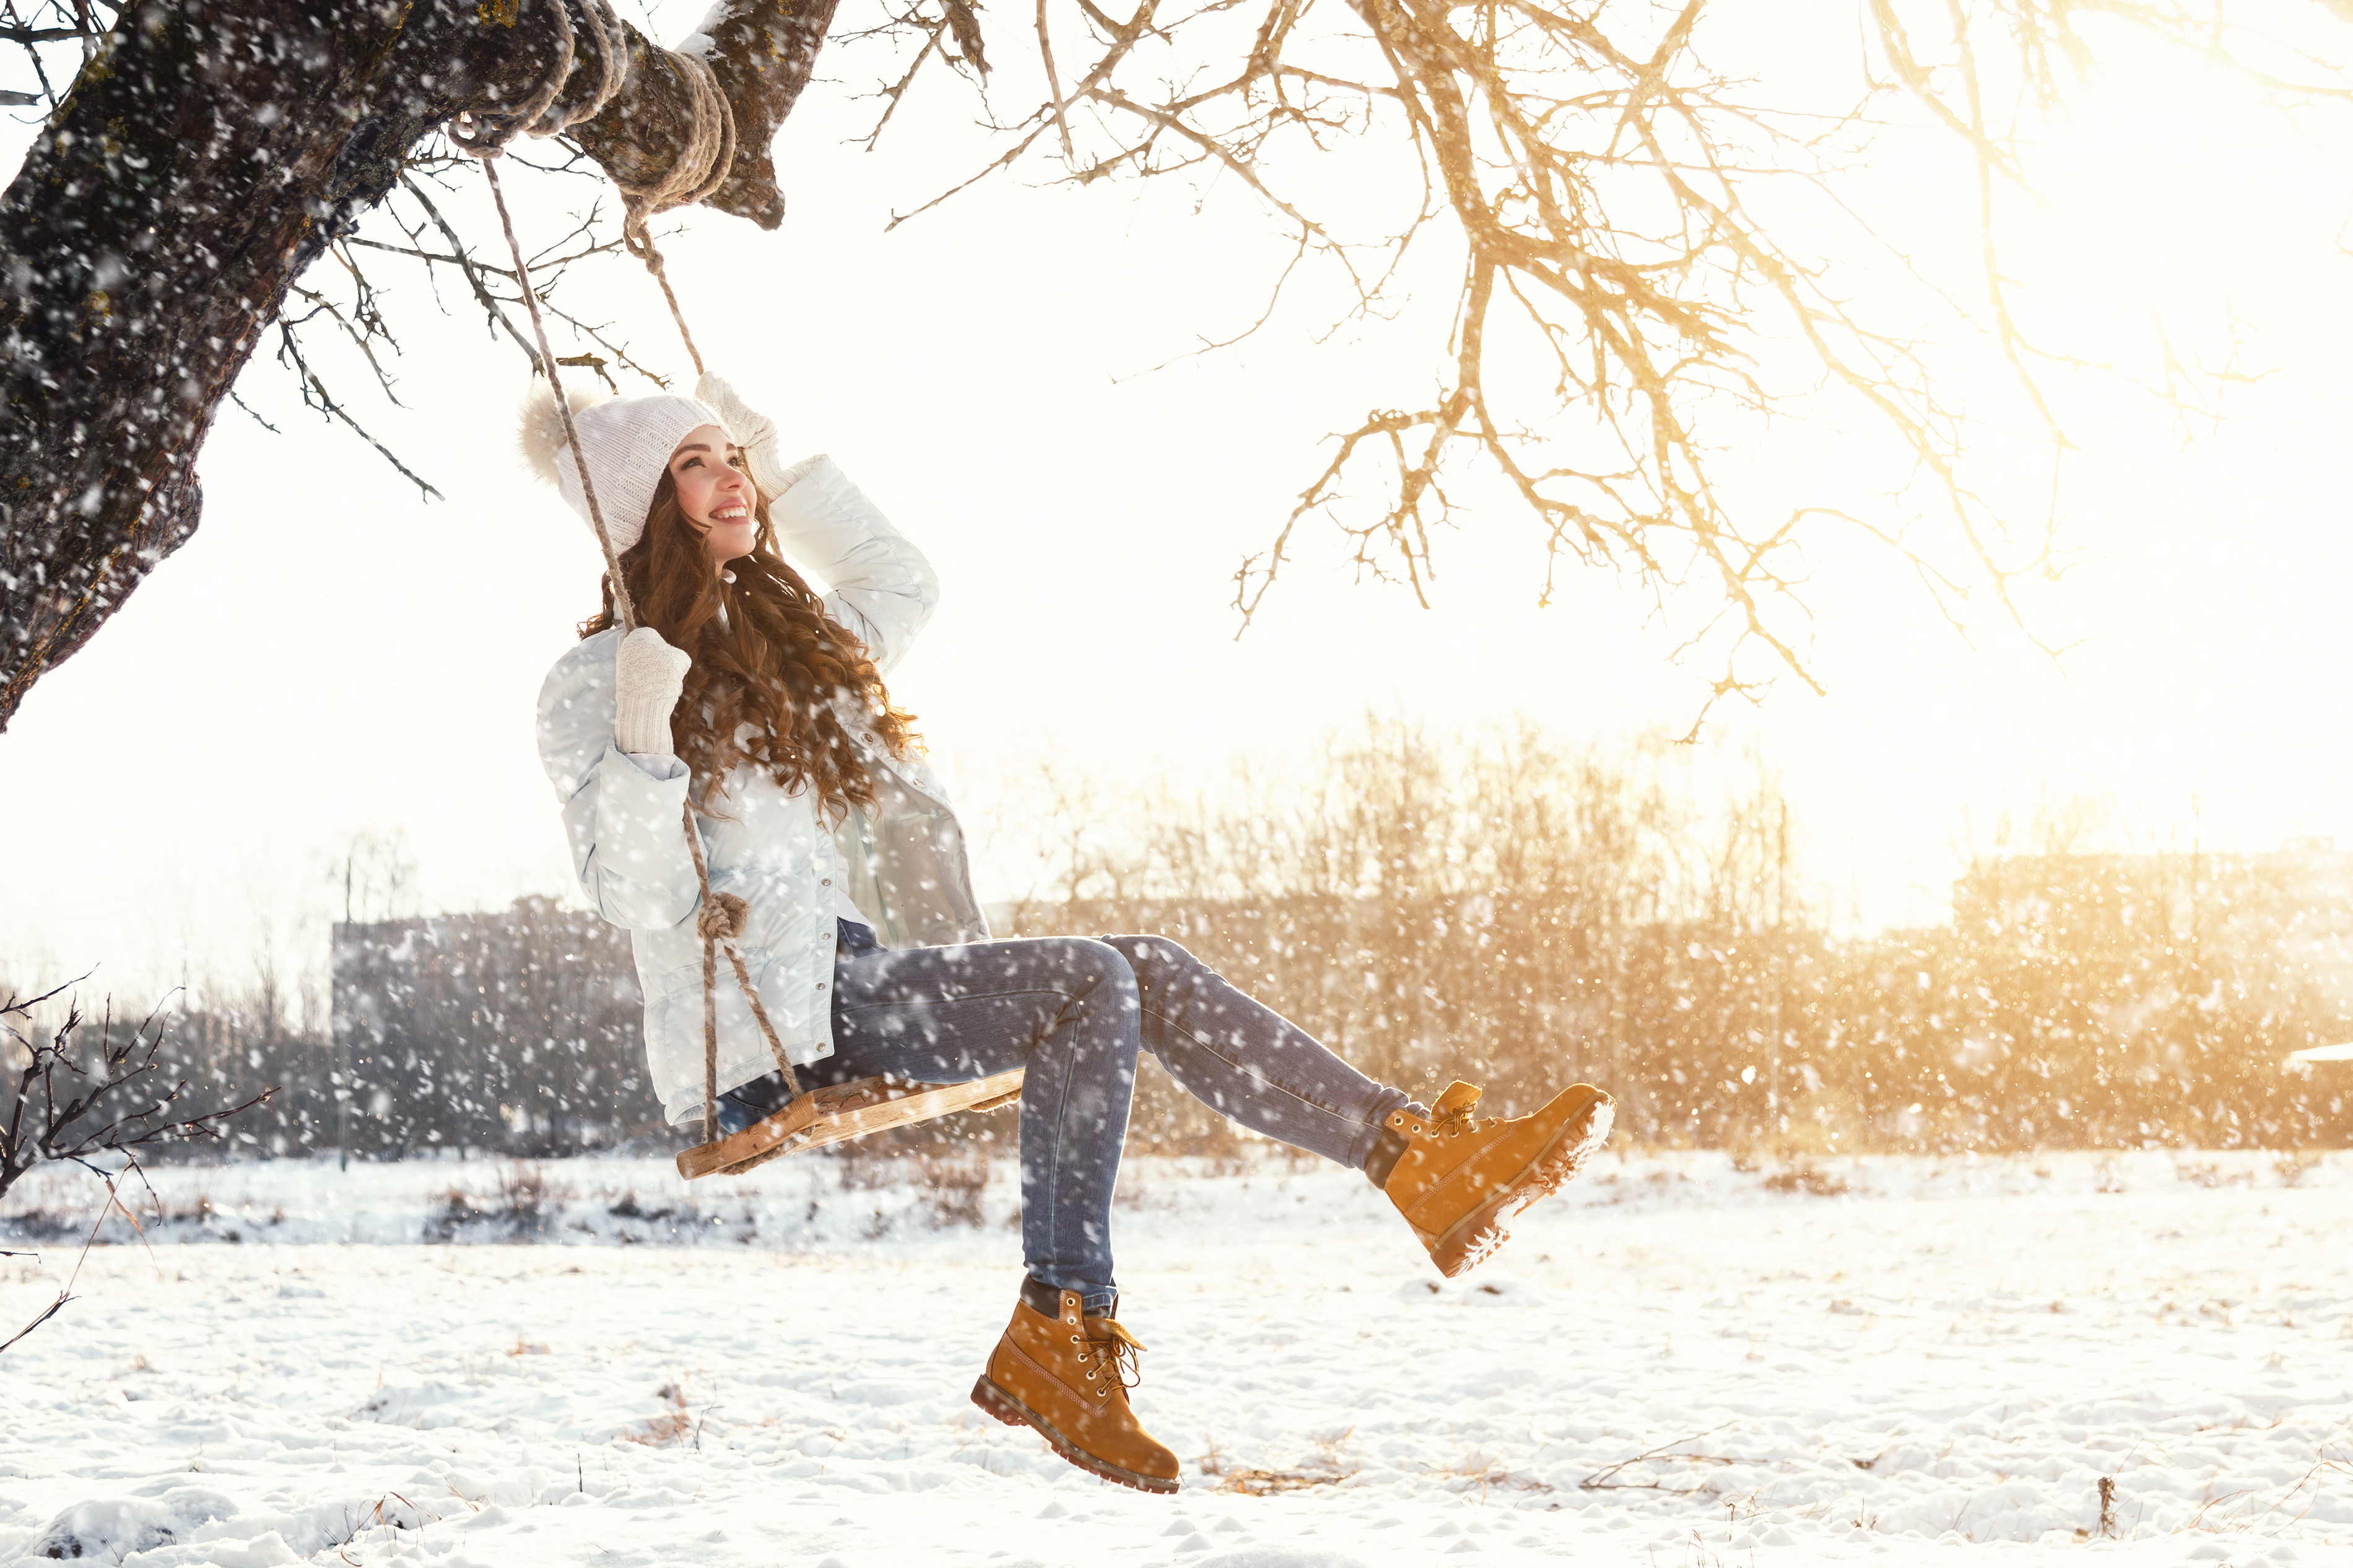 schaebens-winterblues-snow-happy